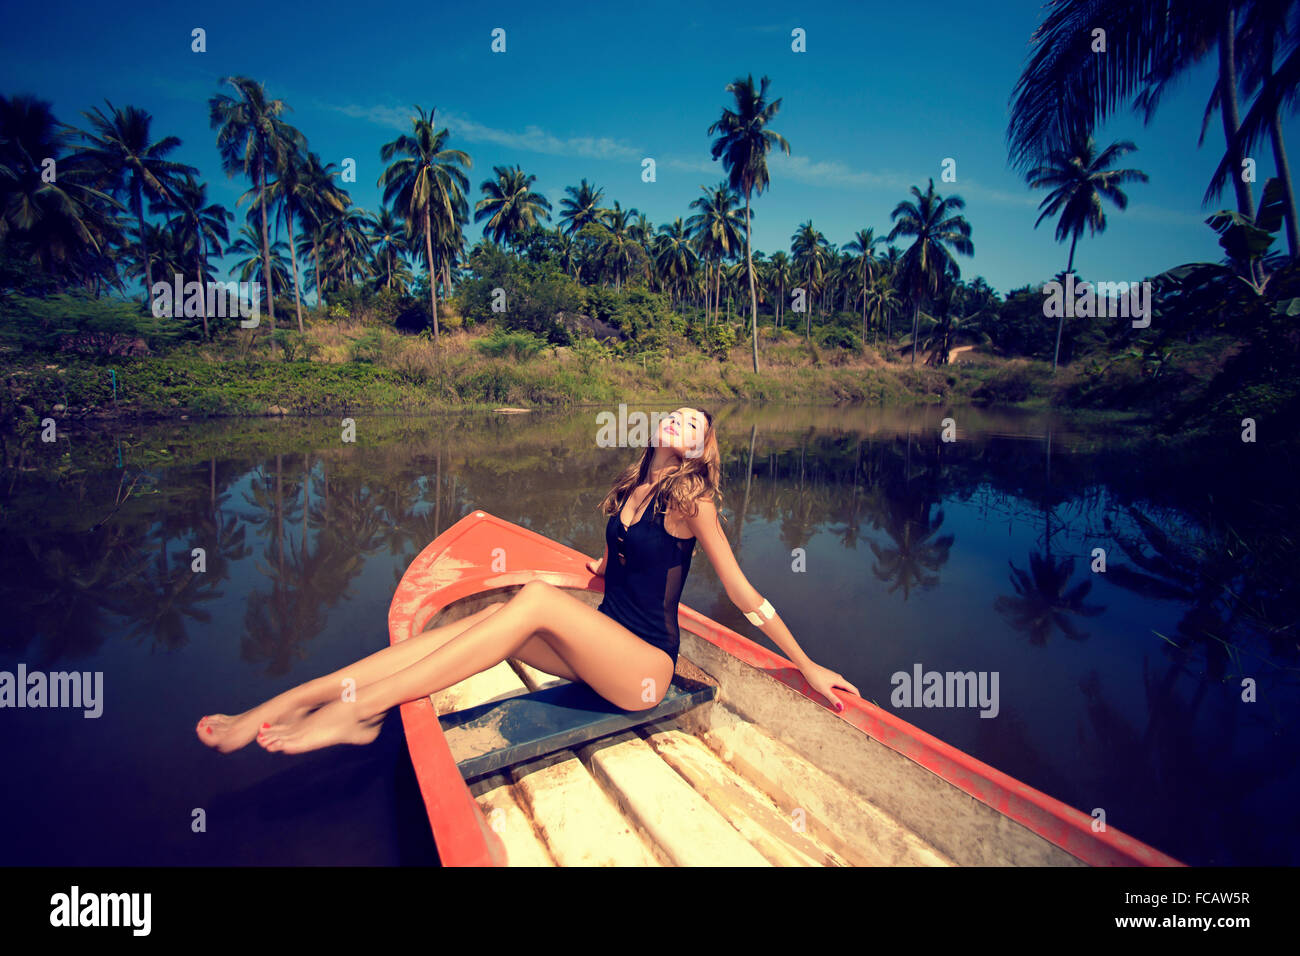 Mujer posando en el barco Imagen De Stock